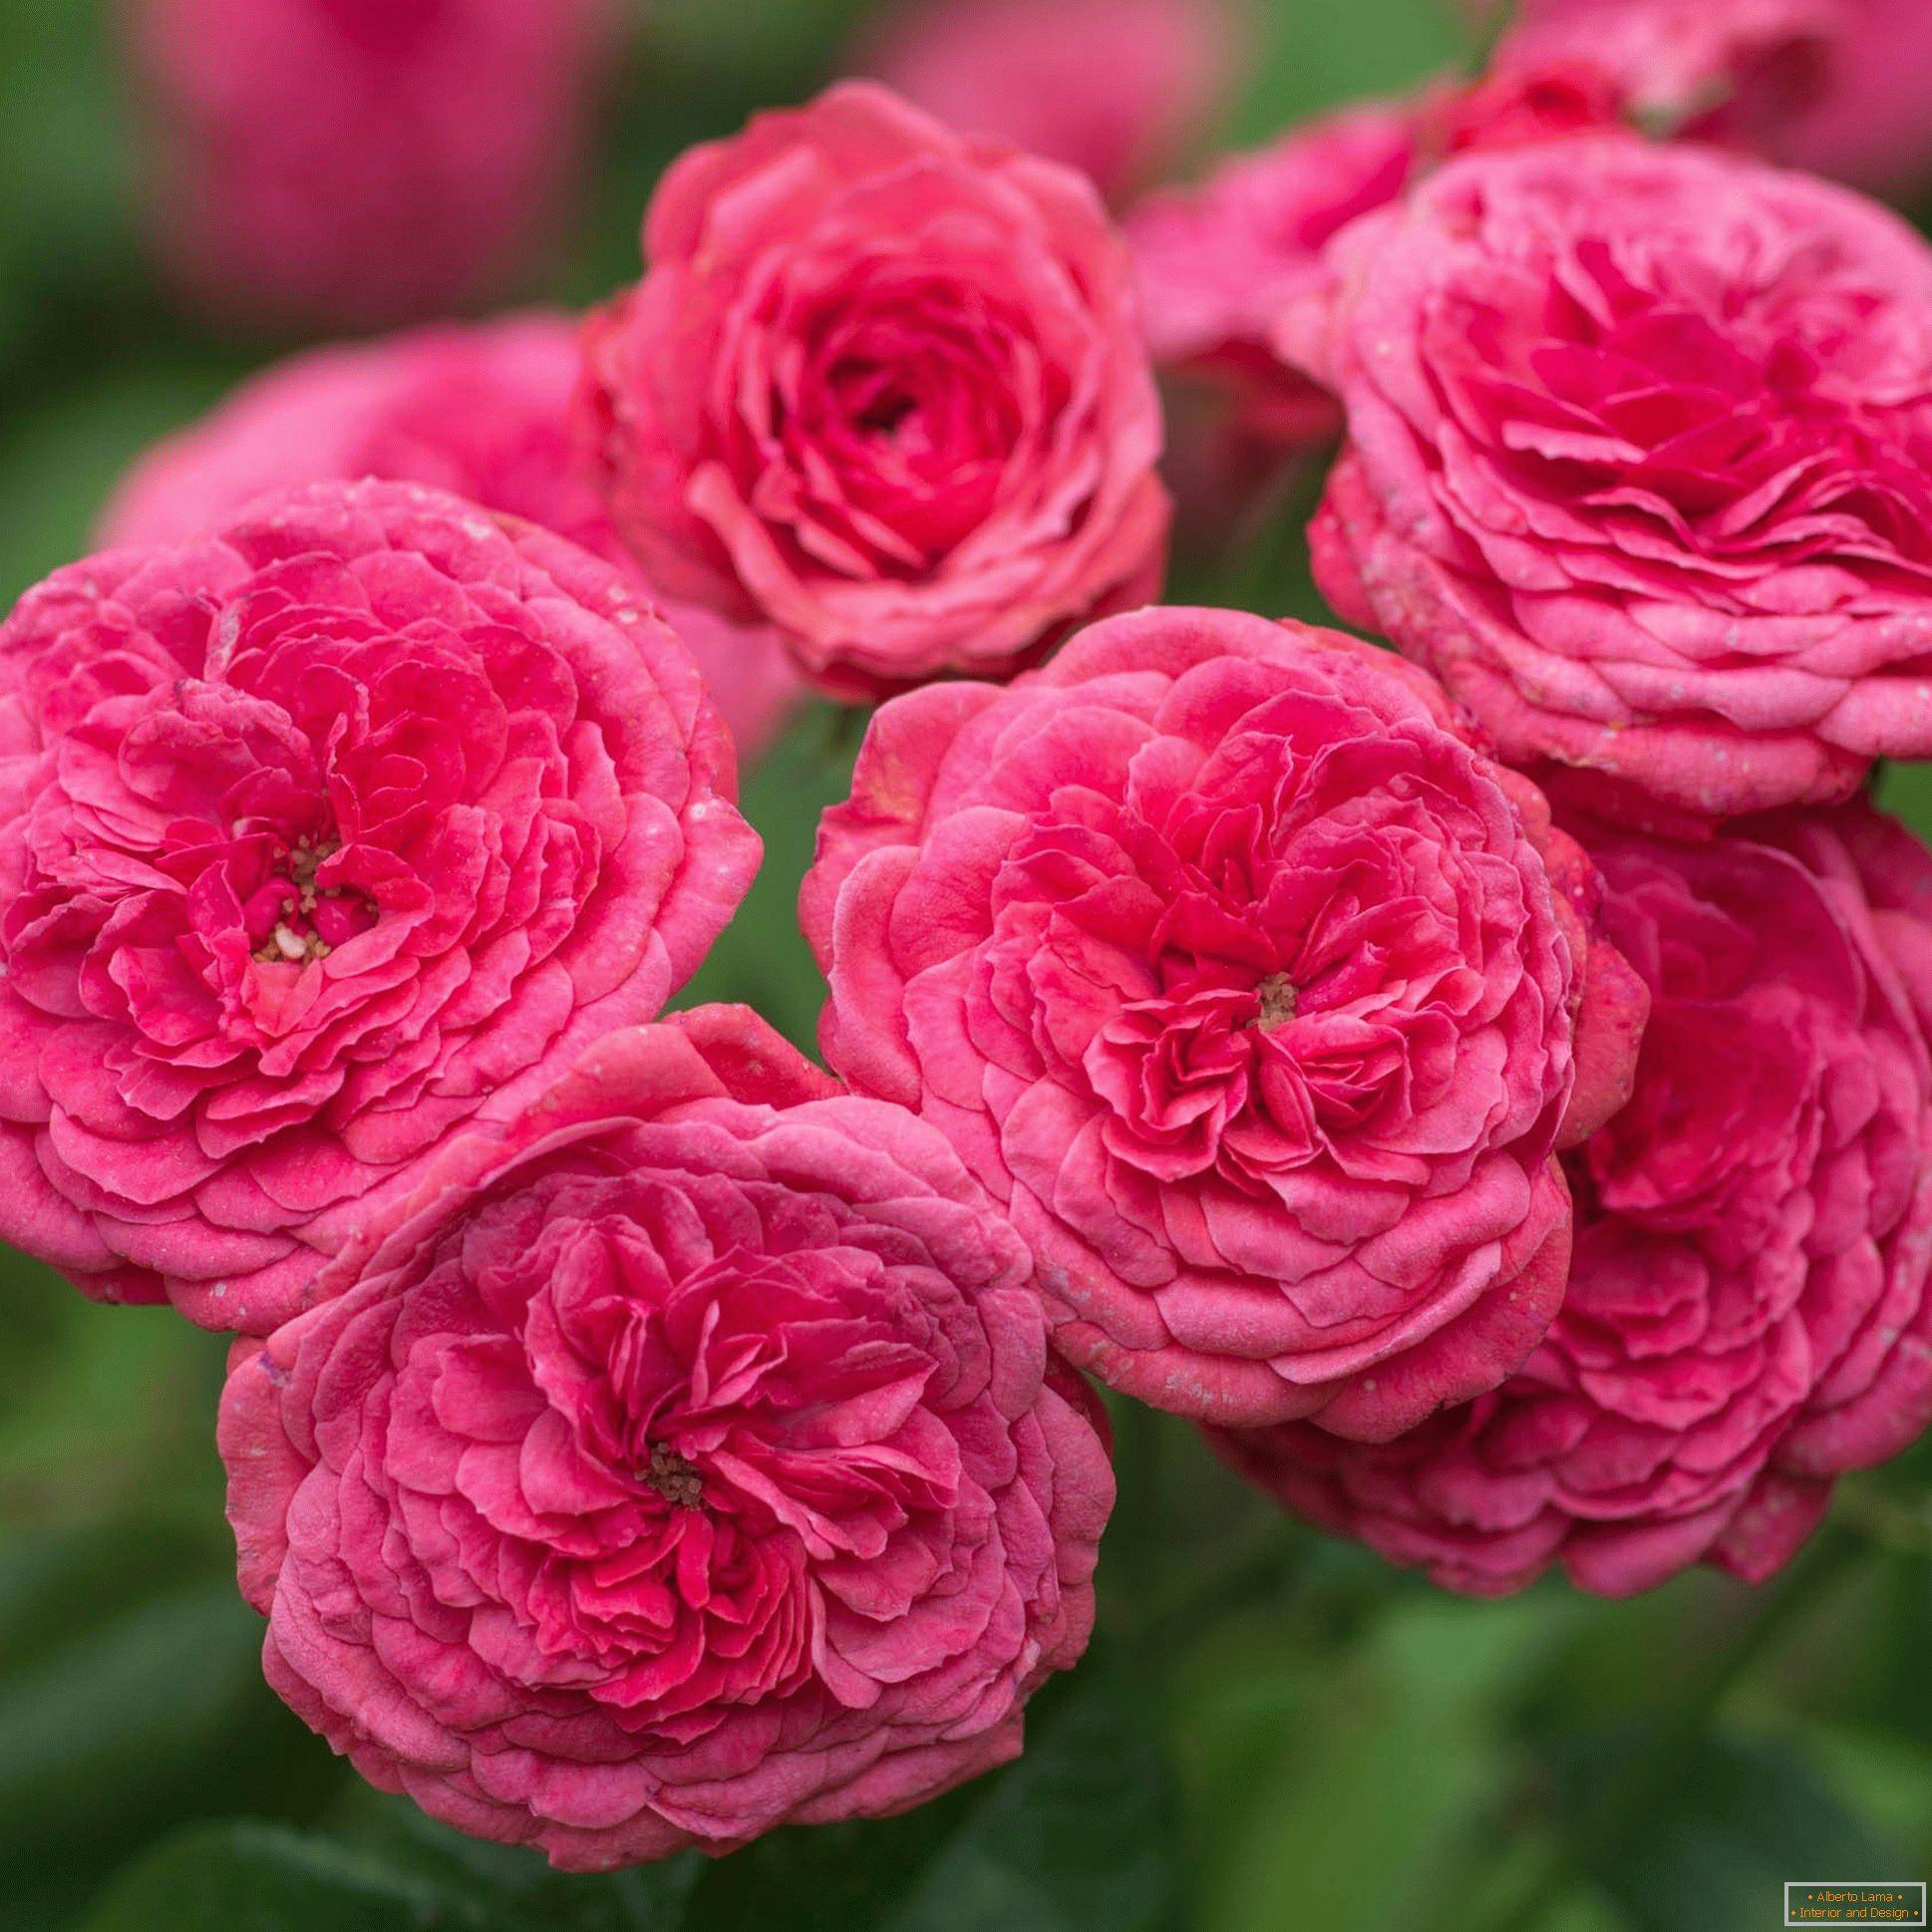 különféle rózsák galandféreghez állandó parazita az